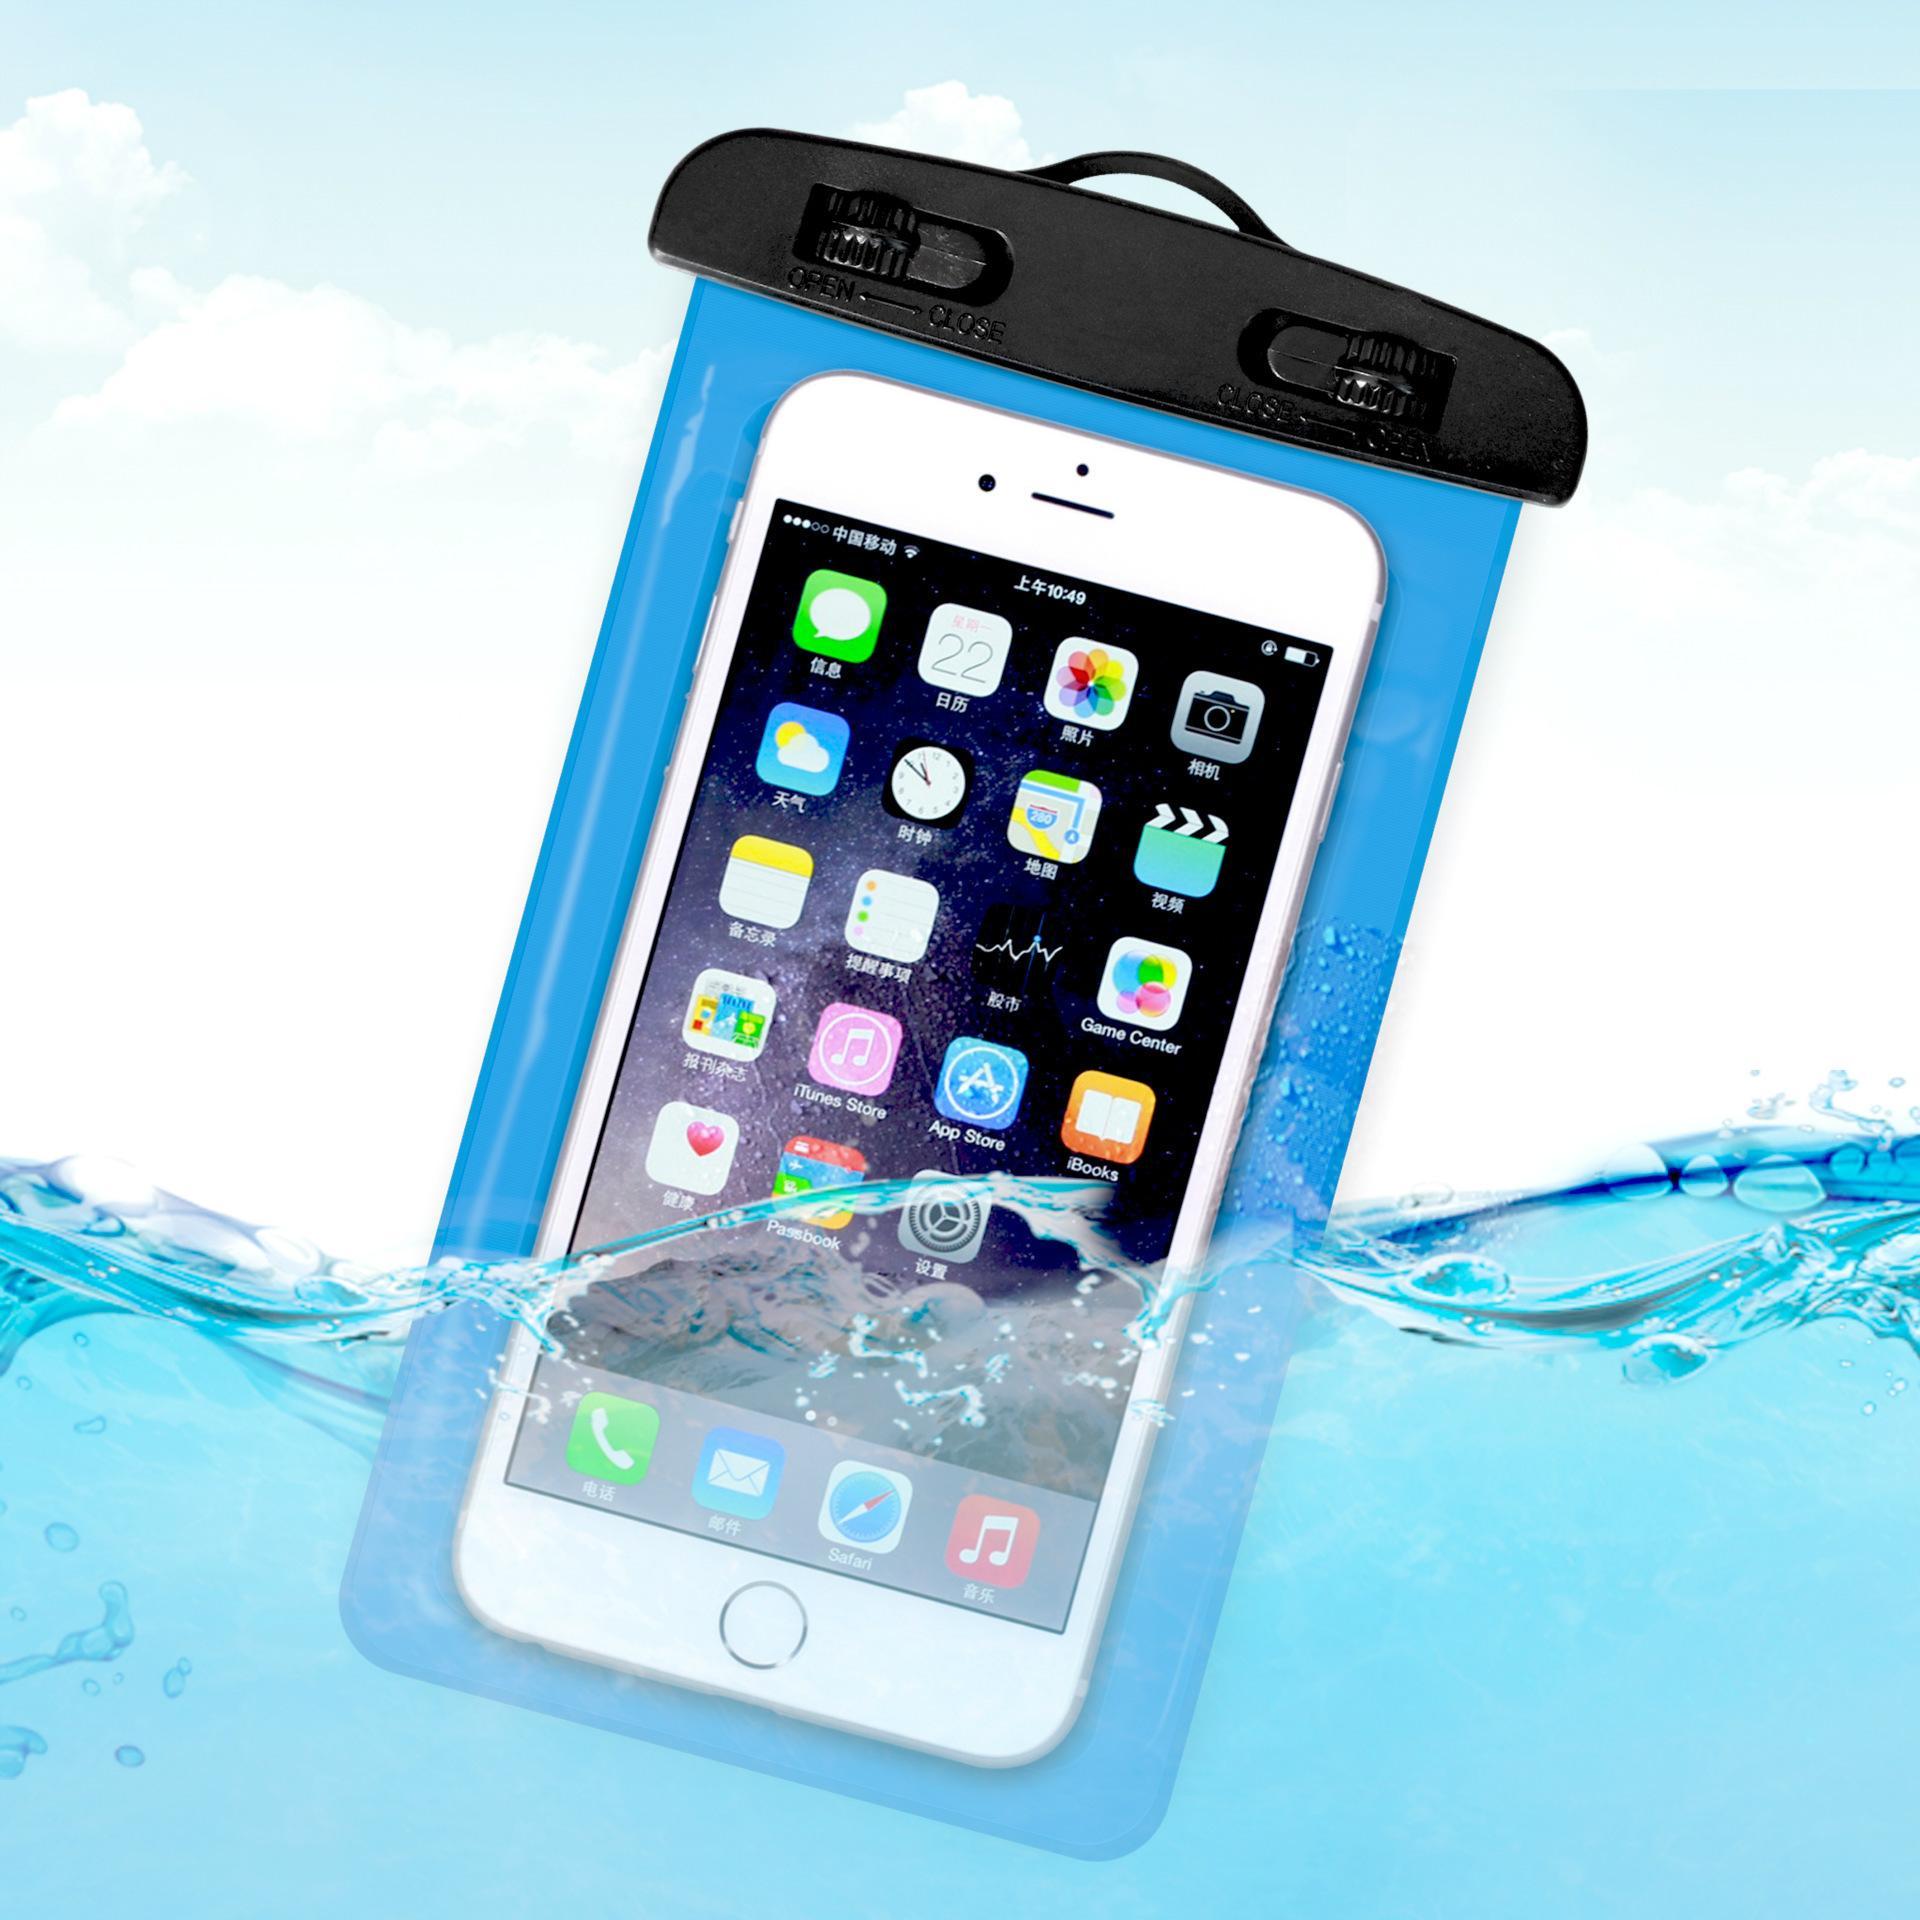 6 بوصة ماء حقيبة الهاتف المحمول الحقيبة تحت الماء الجاف حالة تغطية ل زورق كاياك ترميث السباحة الانجراف